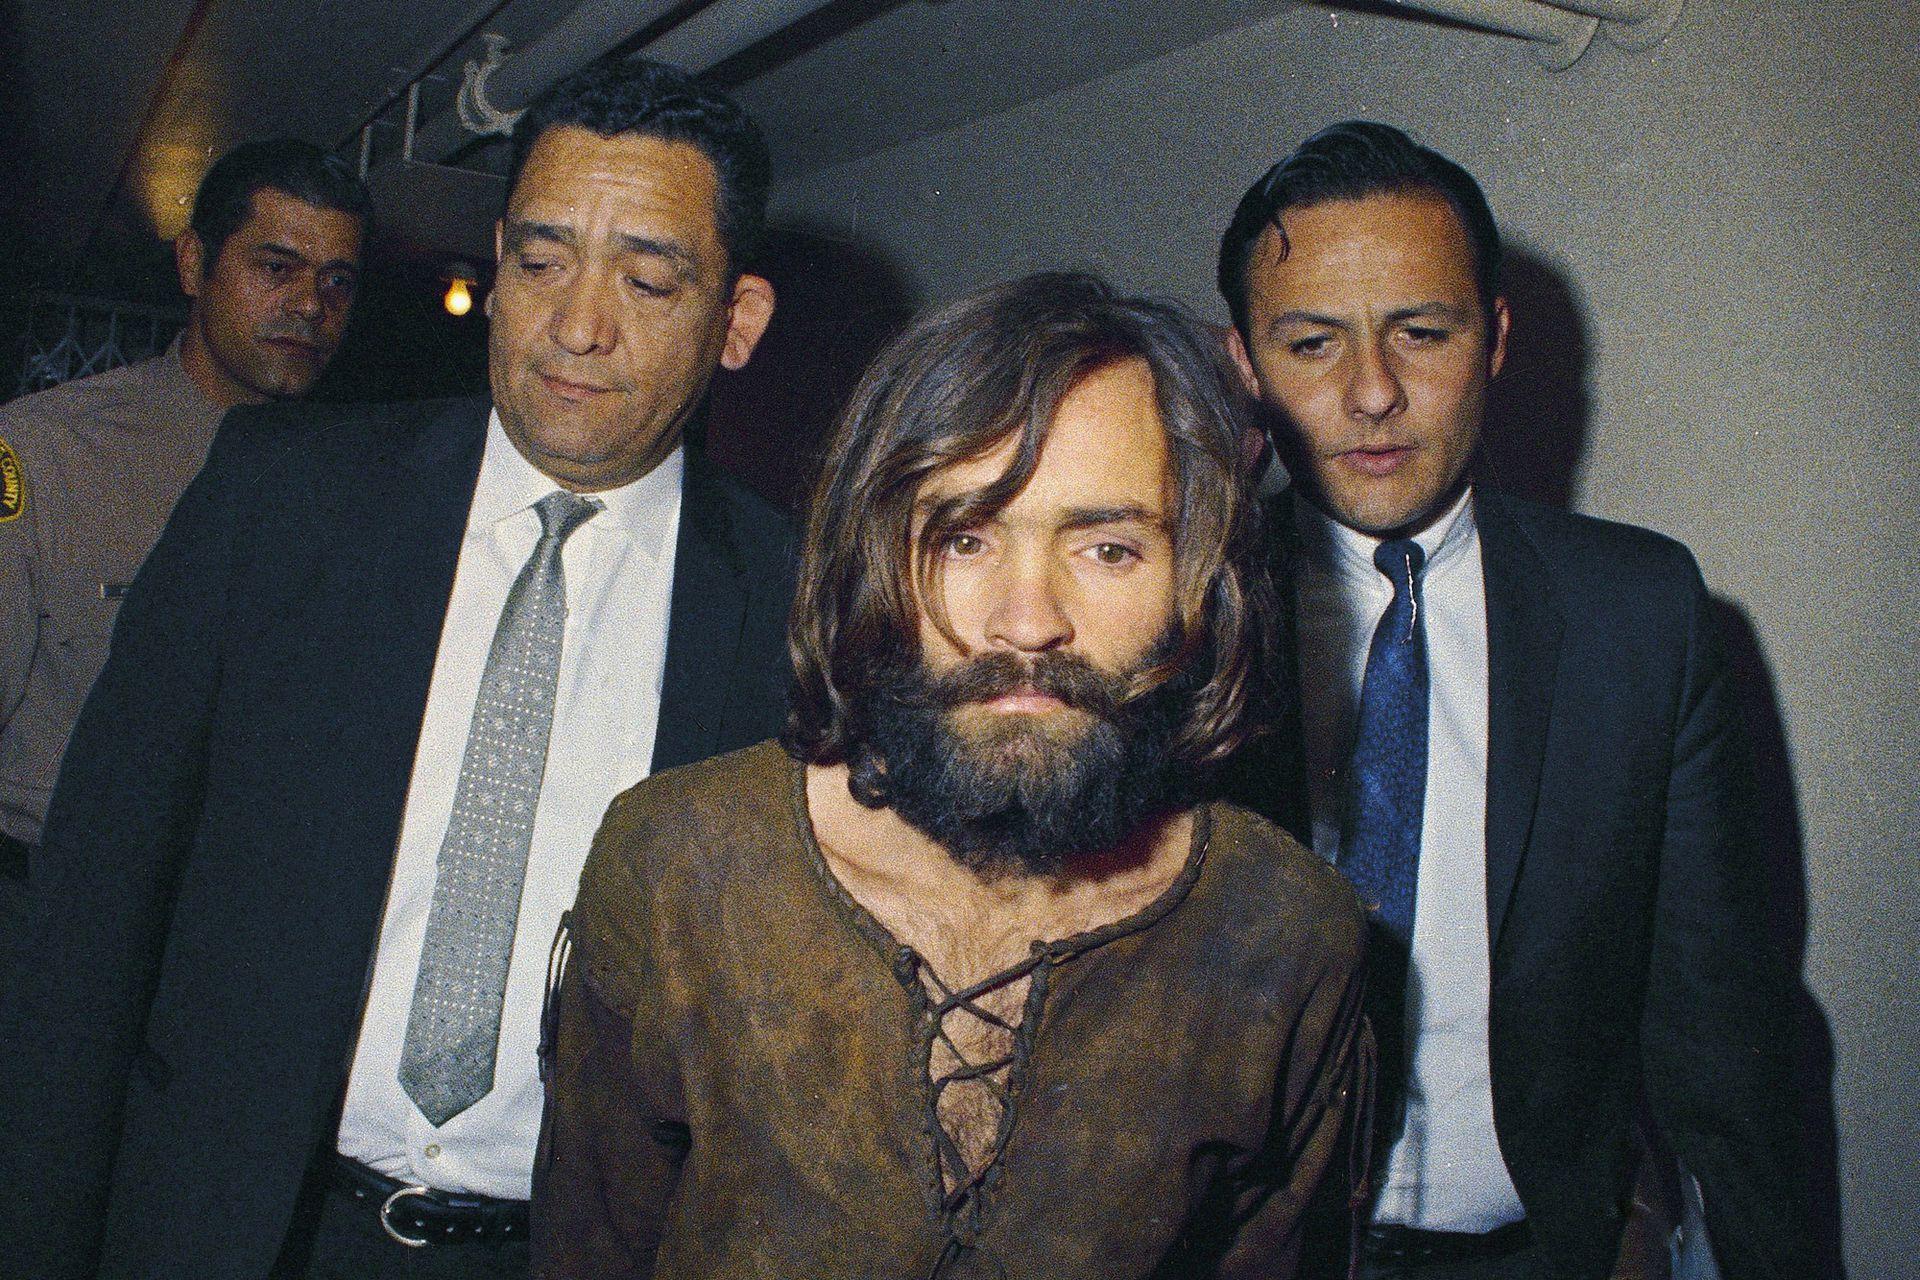 Aspirante a estrella de rock, Charles Manson trasciende en cambio como líder mesiánico con asesinatos que derrumban los postulados de la vida en comunidad